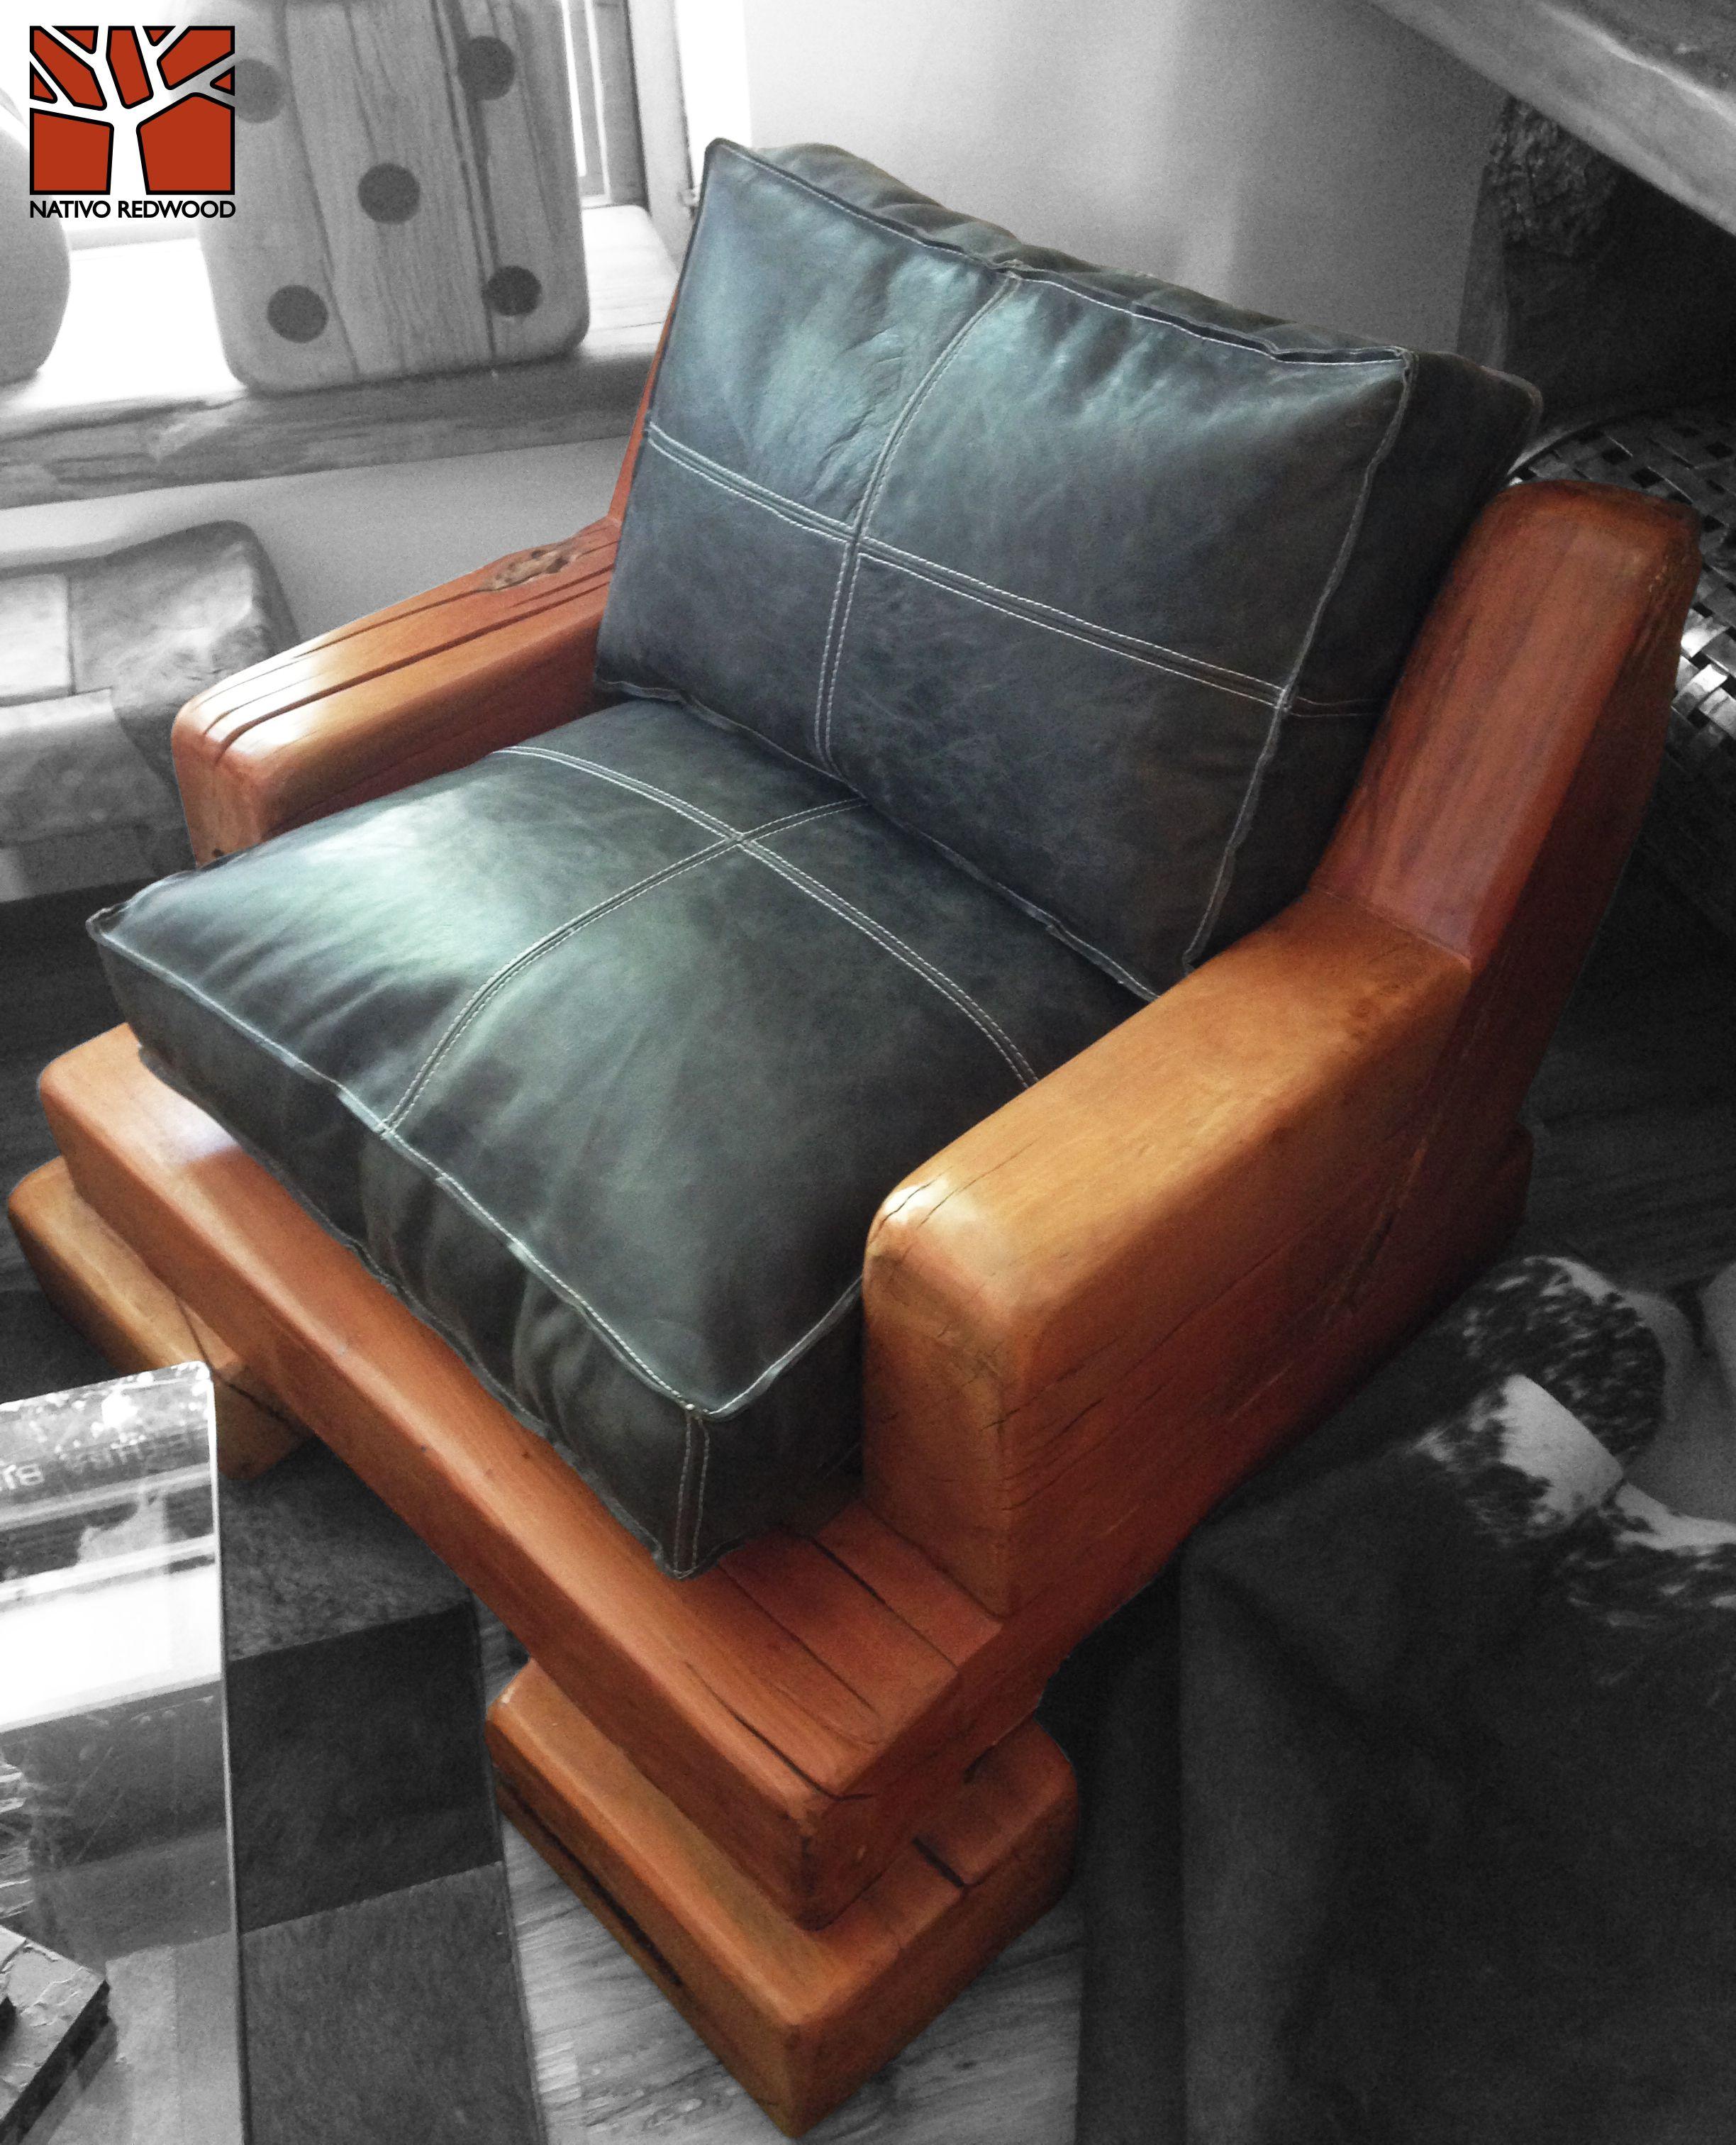 Nativo redwood sill n simple de roble r stico con cojines de cuero color negro rellenos con - Rellenos para sillones ...